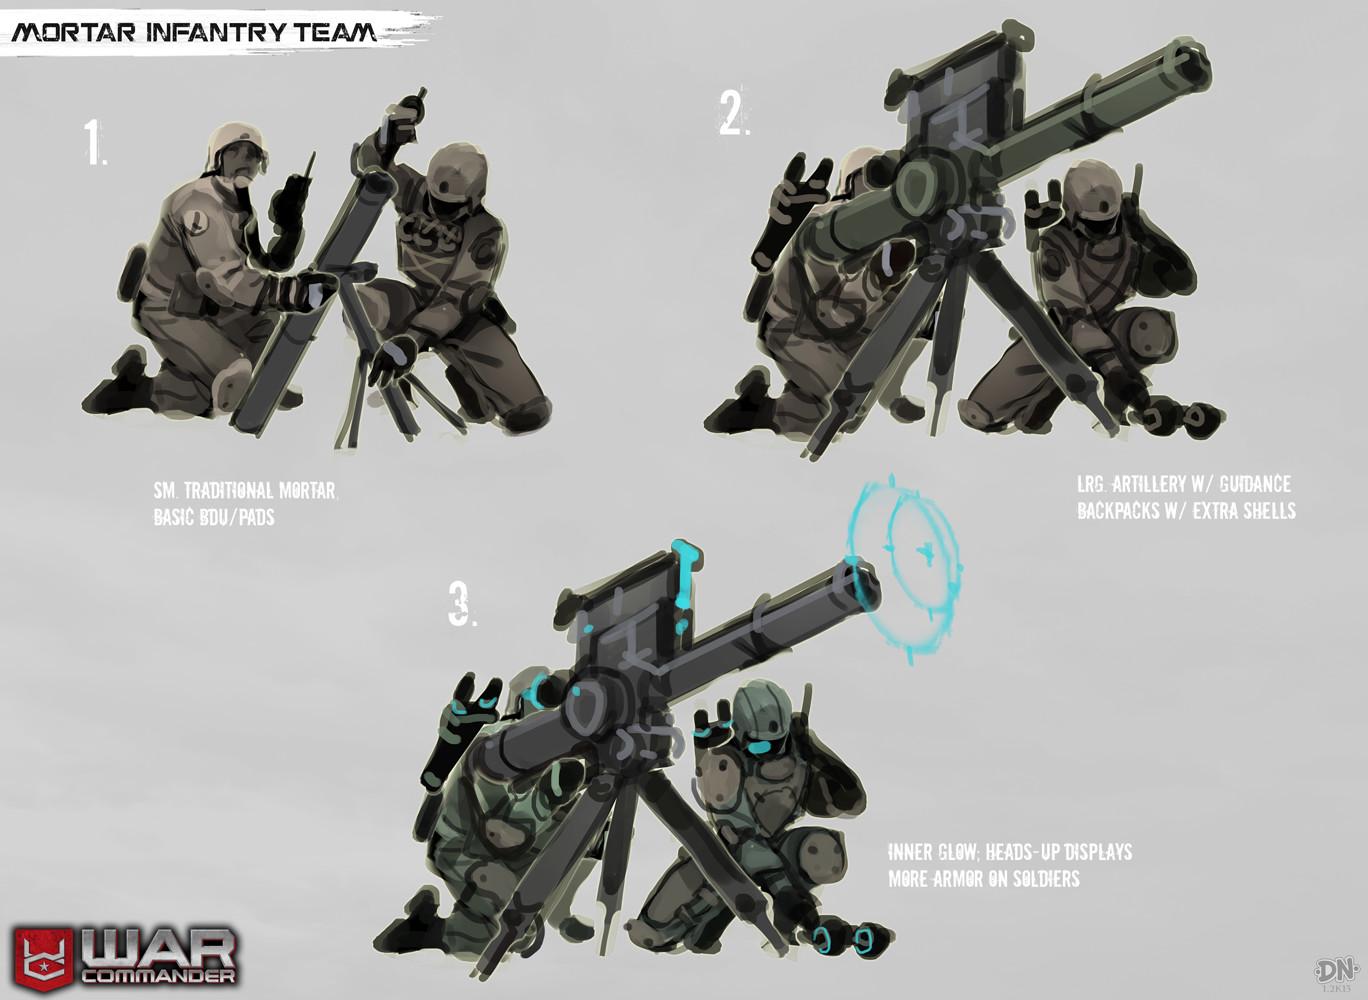 Mortar Team rough sketches